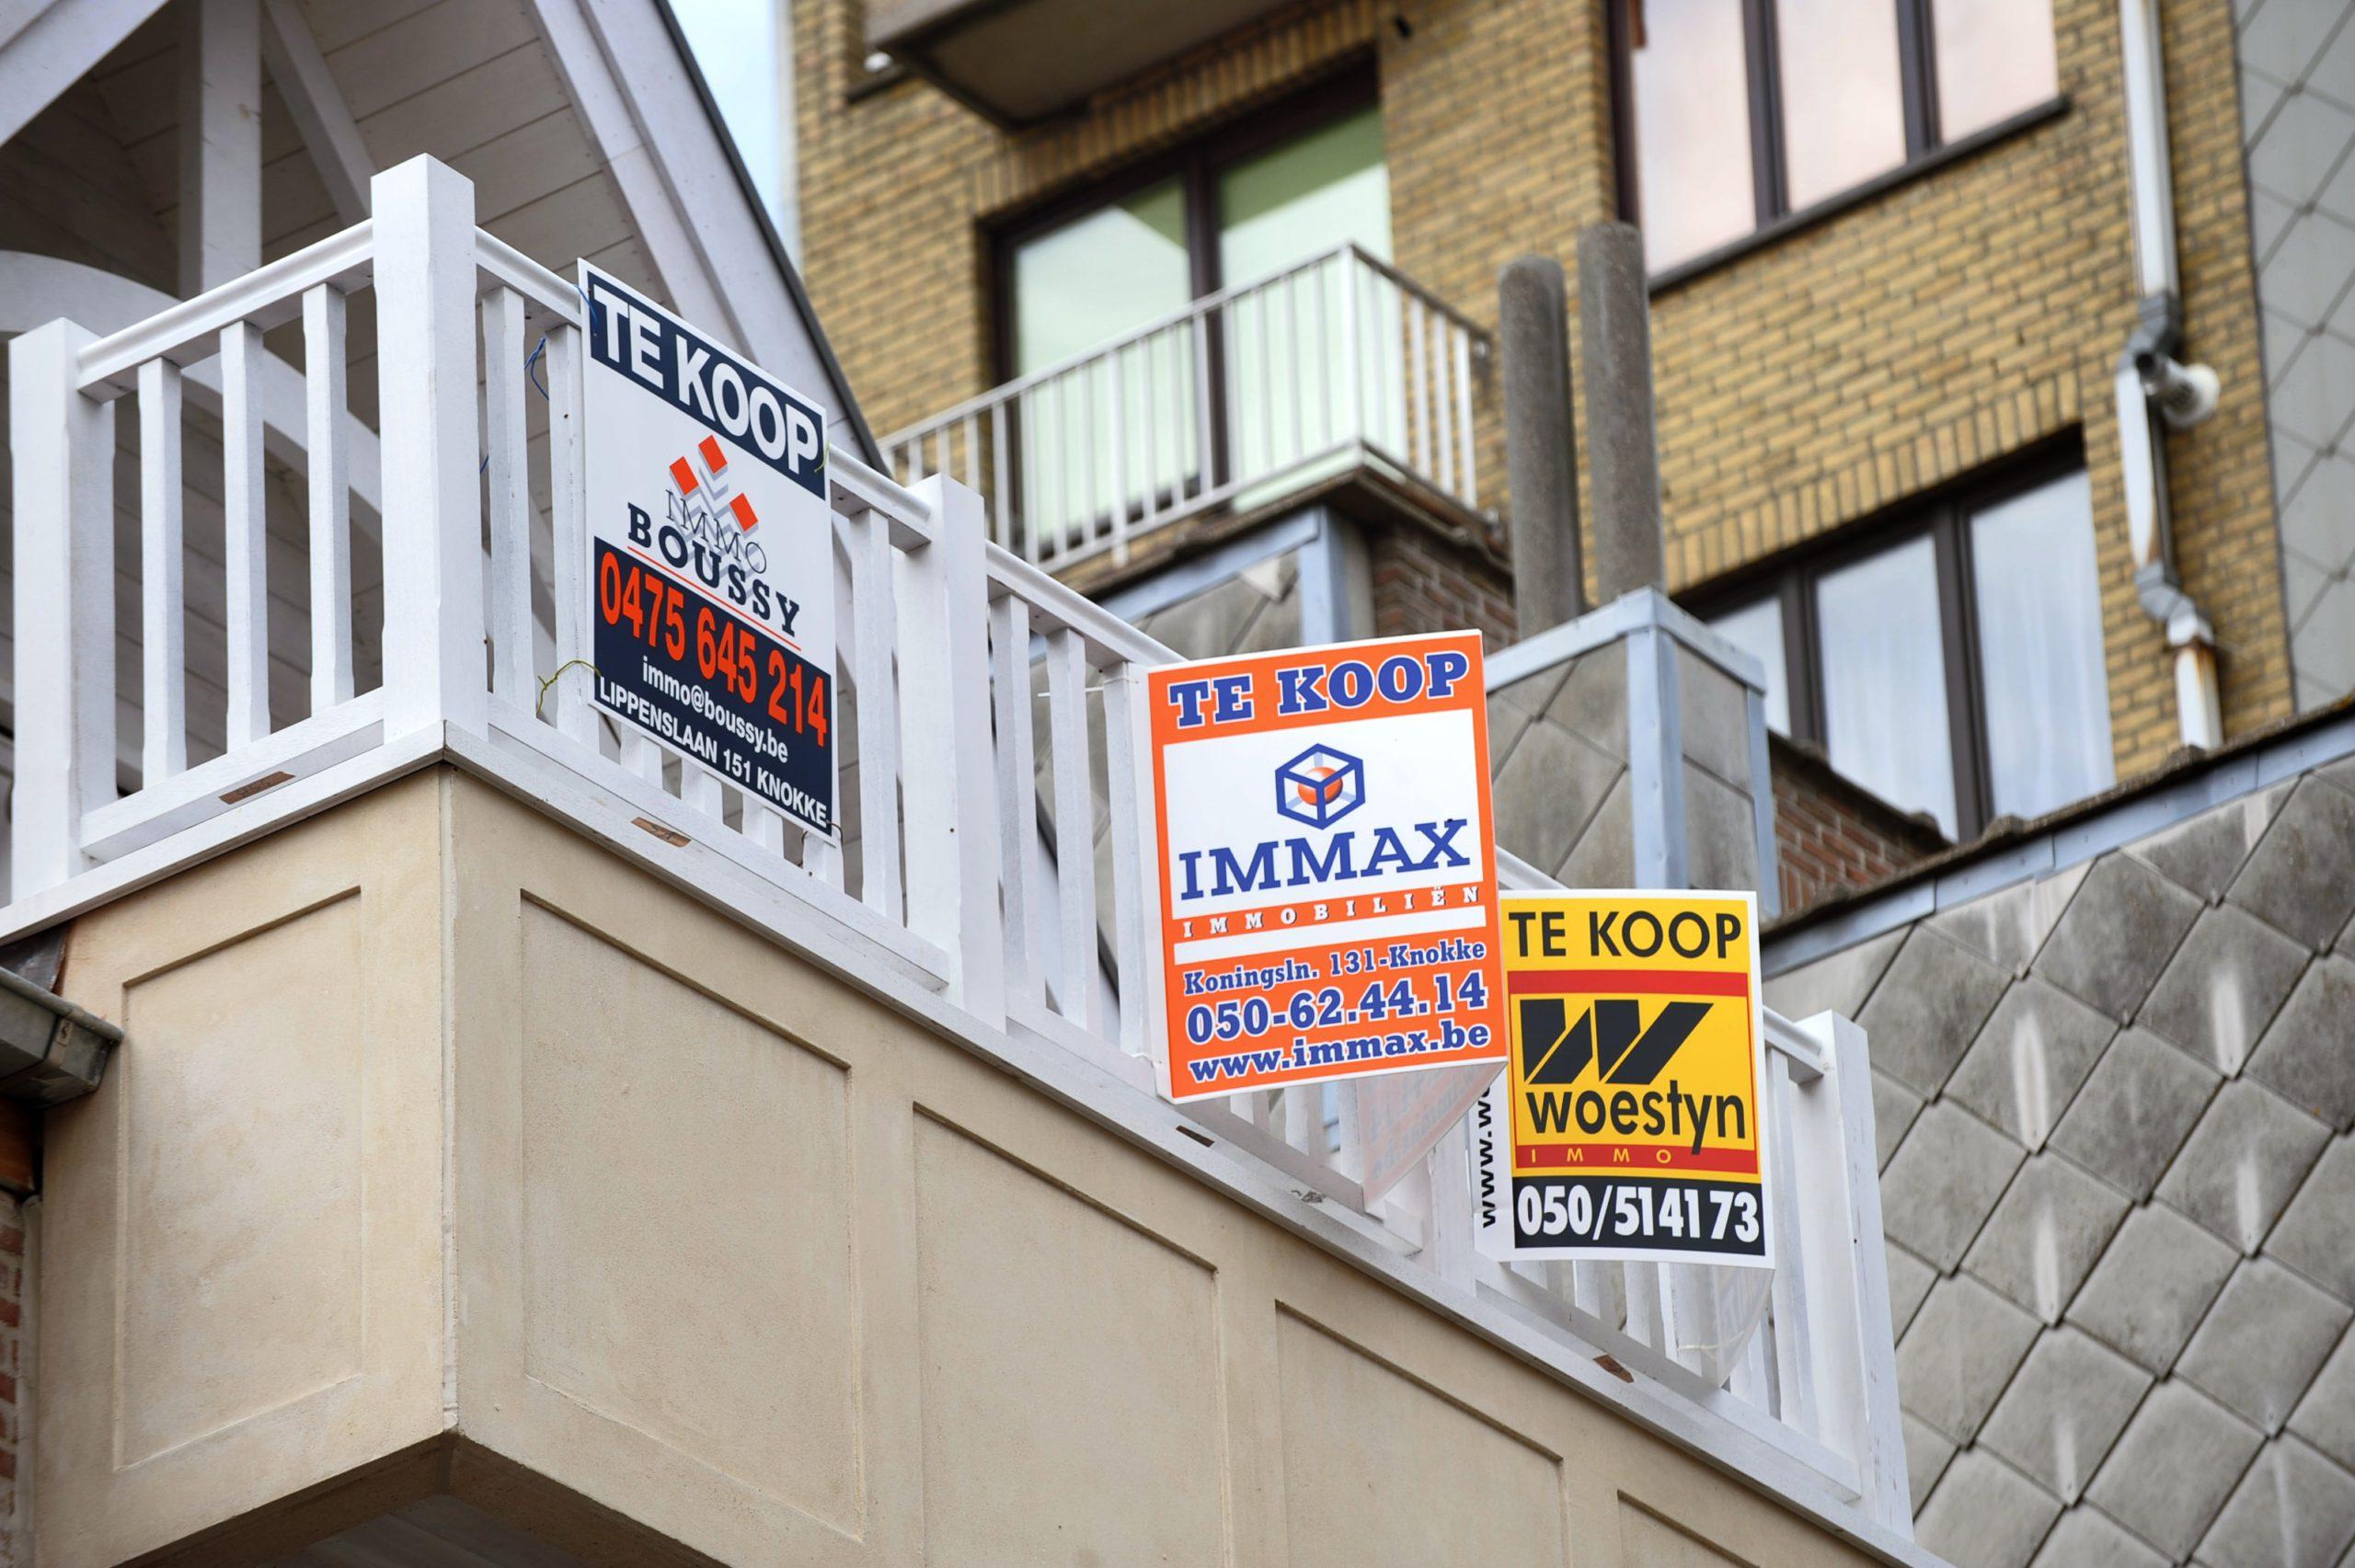 Bij de hypotheken werden slechts 29.145 wanbetalingen genoteerd, ruim 3 procent minder dan vorig jaar. - Isopix